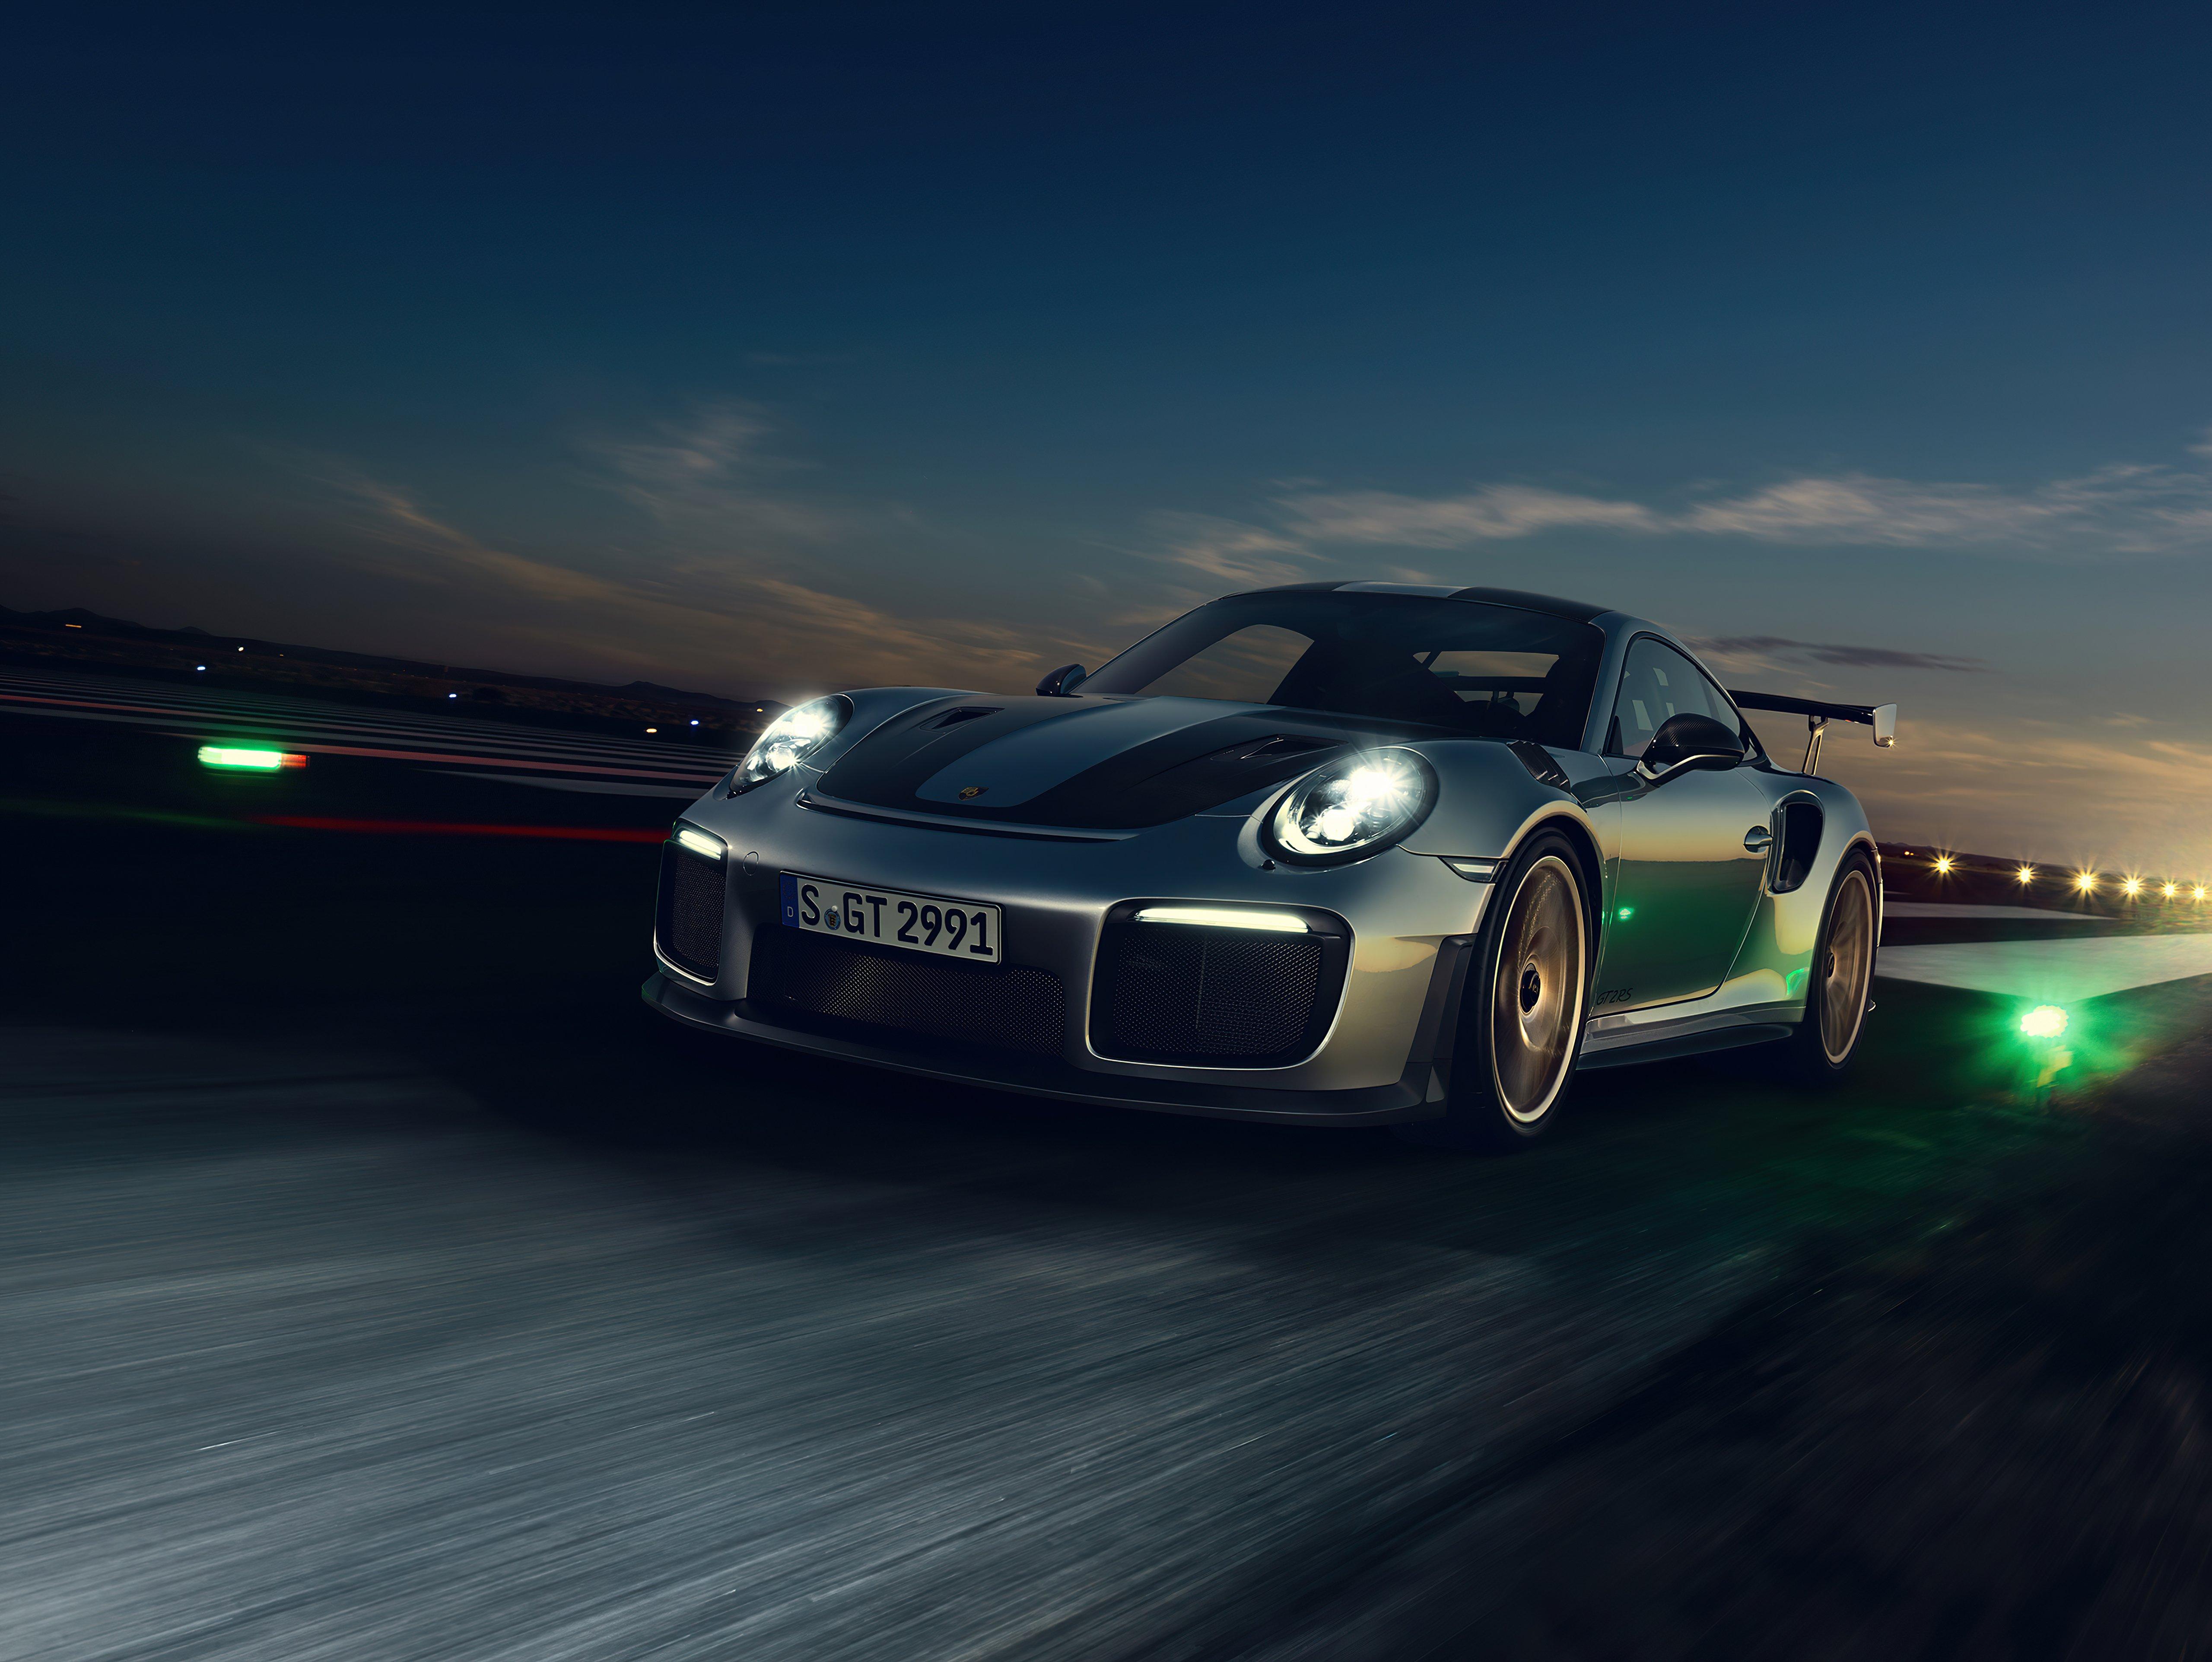 Fondos de pantalla Porsche GT2